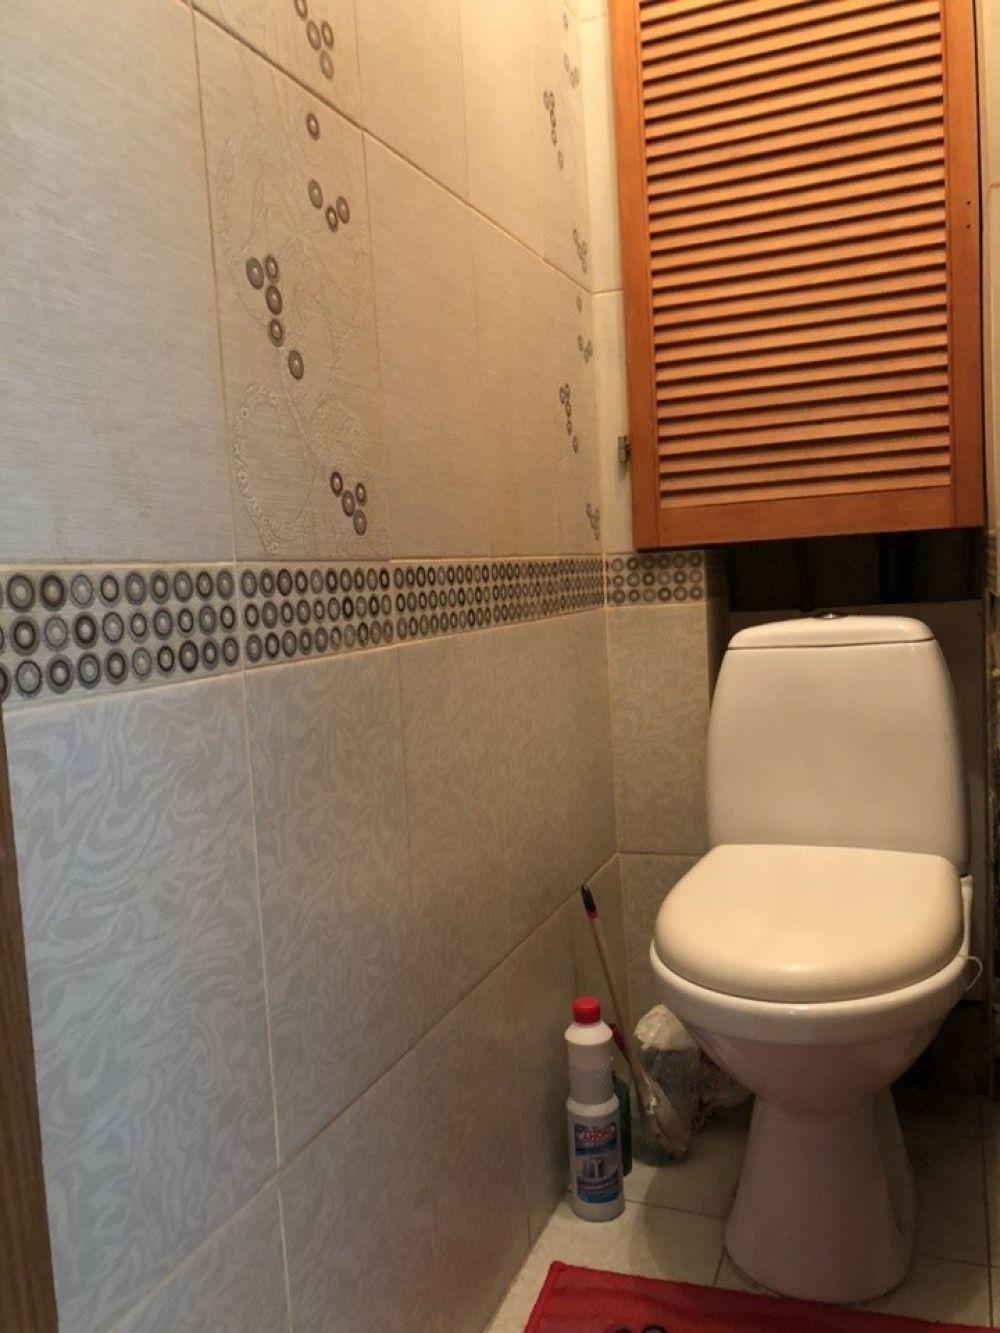 Продается 2-к квартира Щелково ул.Талсинская дом 8, фото 7